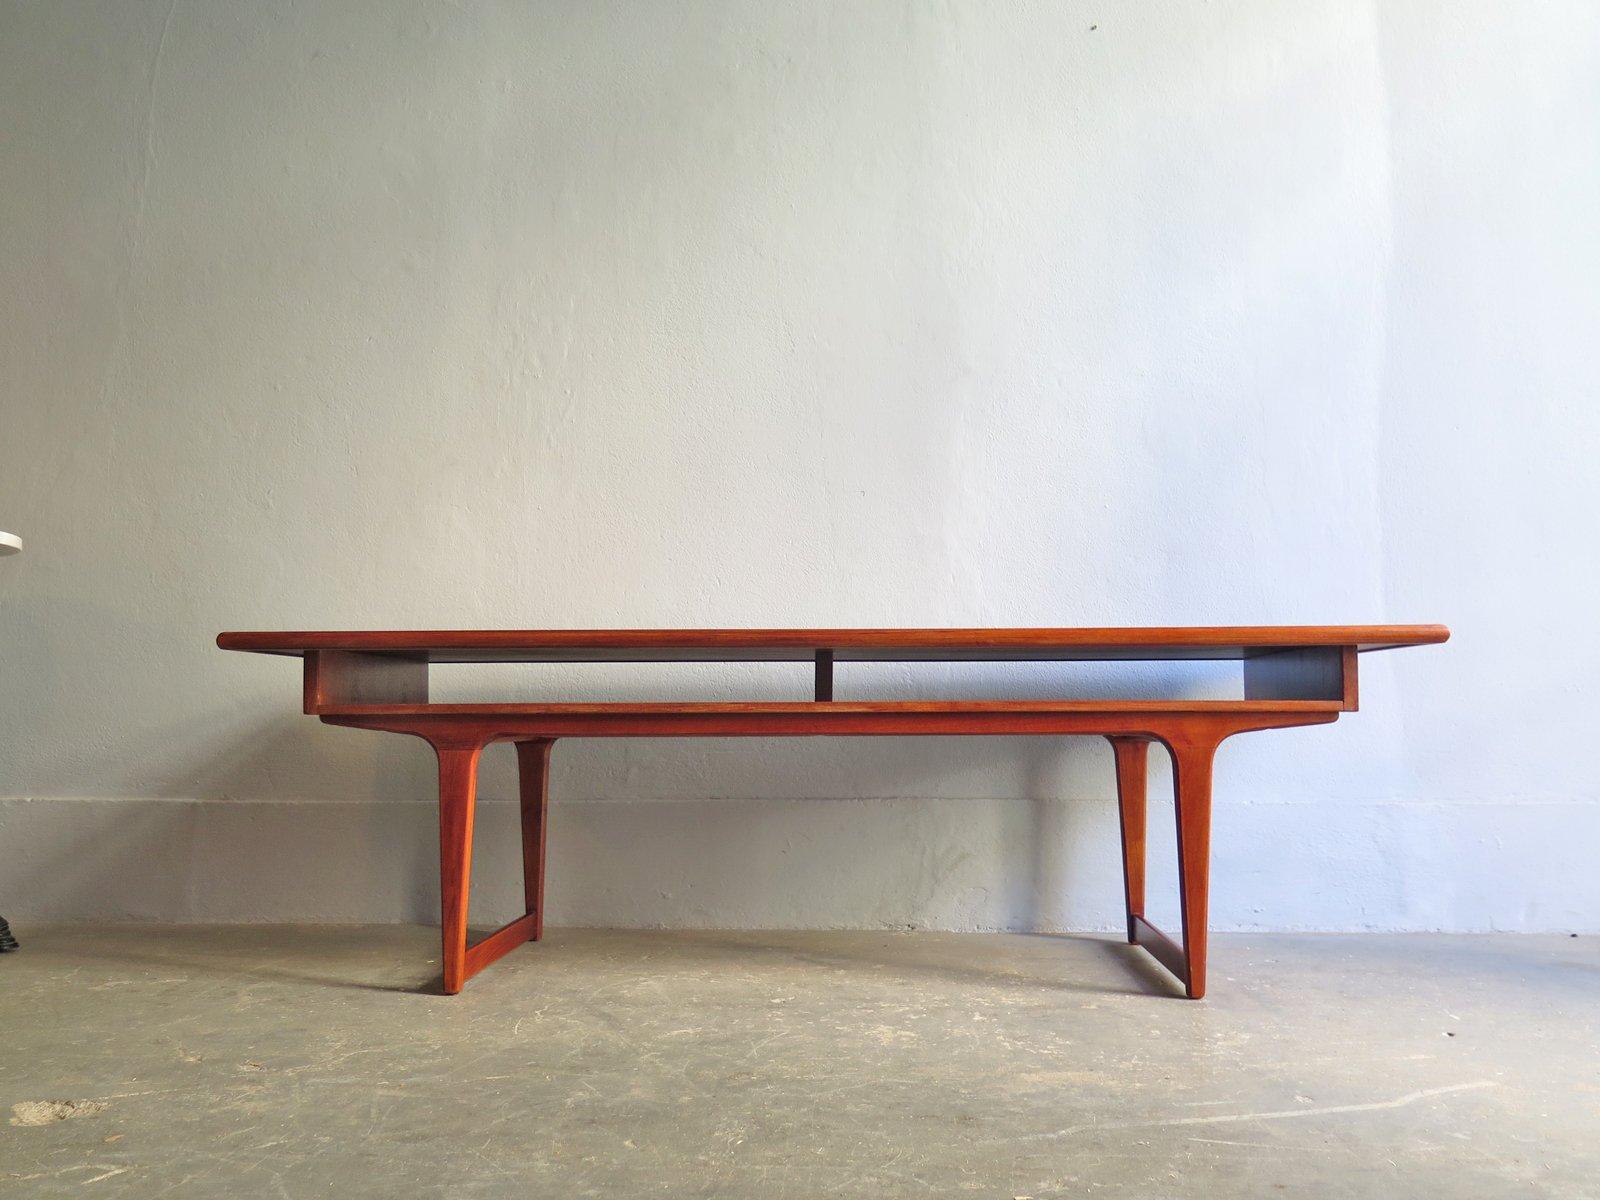 Table basse mid century en teck en vente sur pamono for Table basse en teck